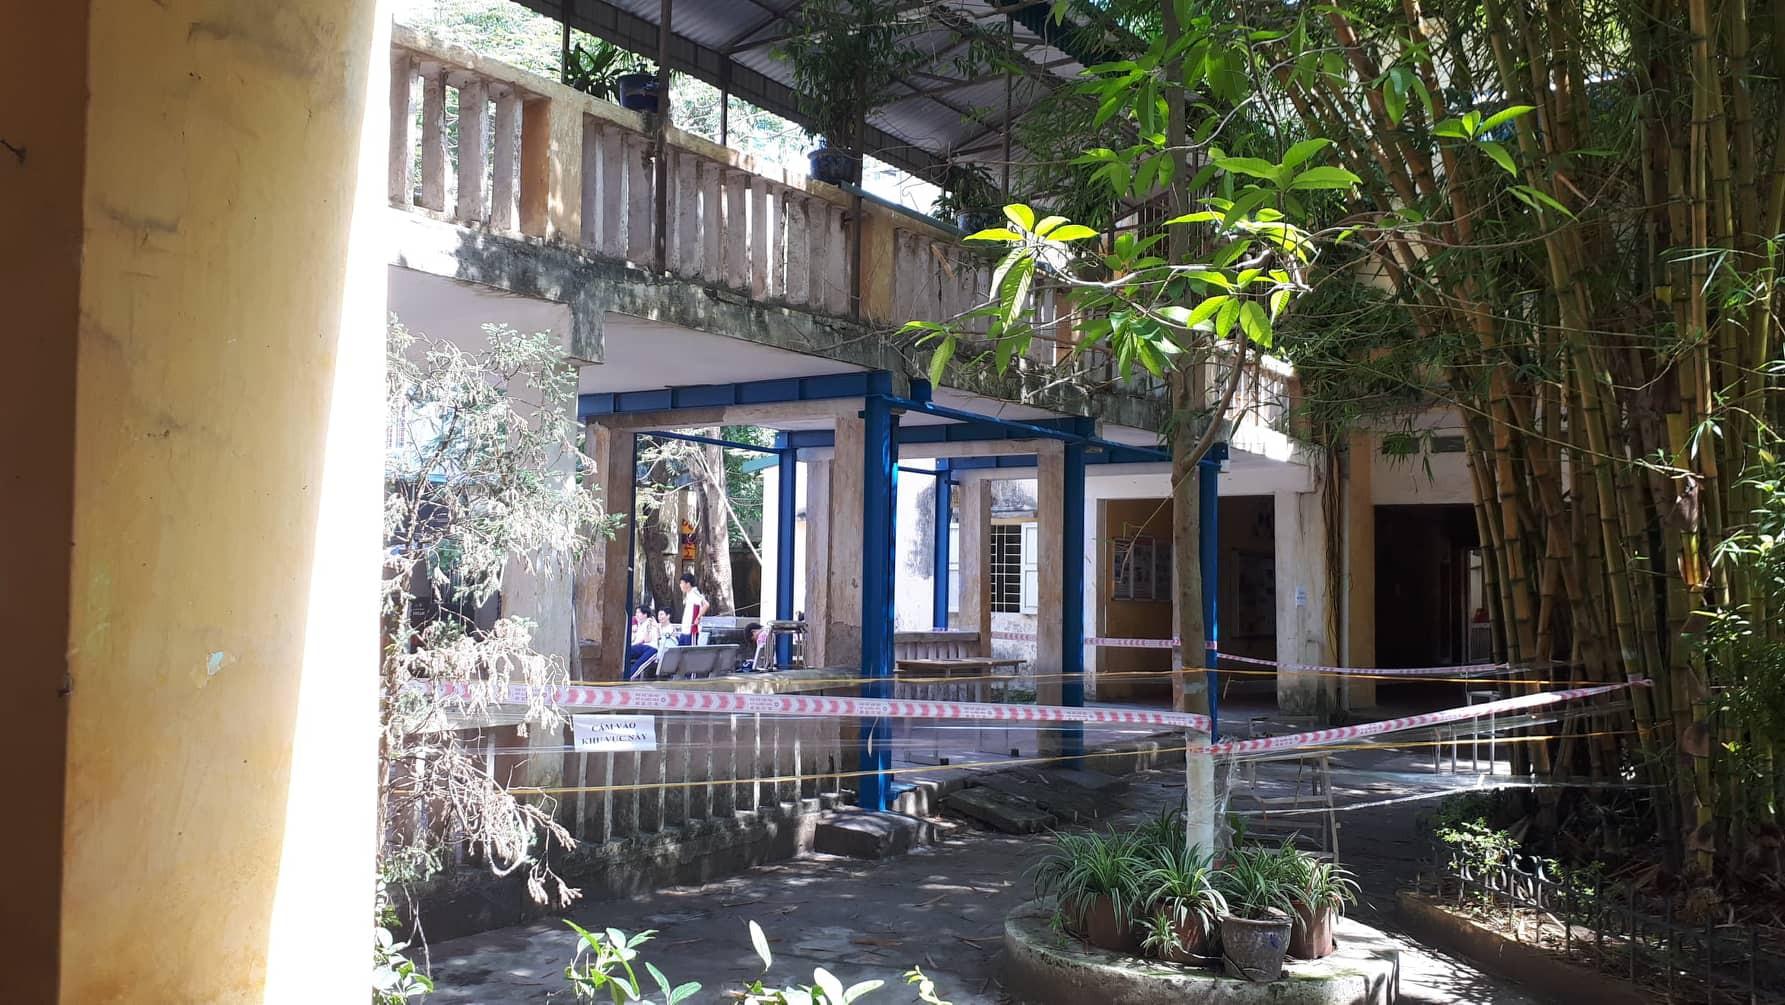 Vữa trần rơi, lan can được rào tạm bằng dây thép gai, ngôi trường cấp 3 giữa Hà Nội có nguy cơ đổ sập  - Ảnh 22.